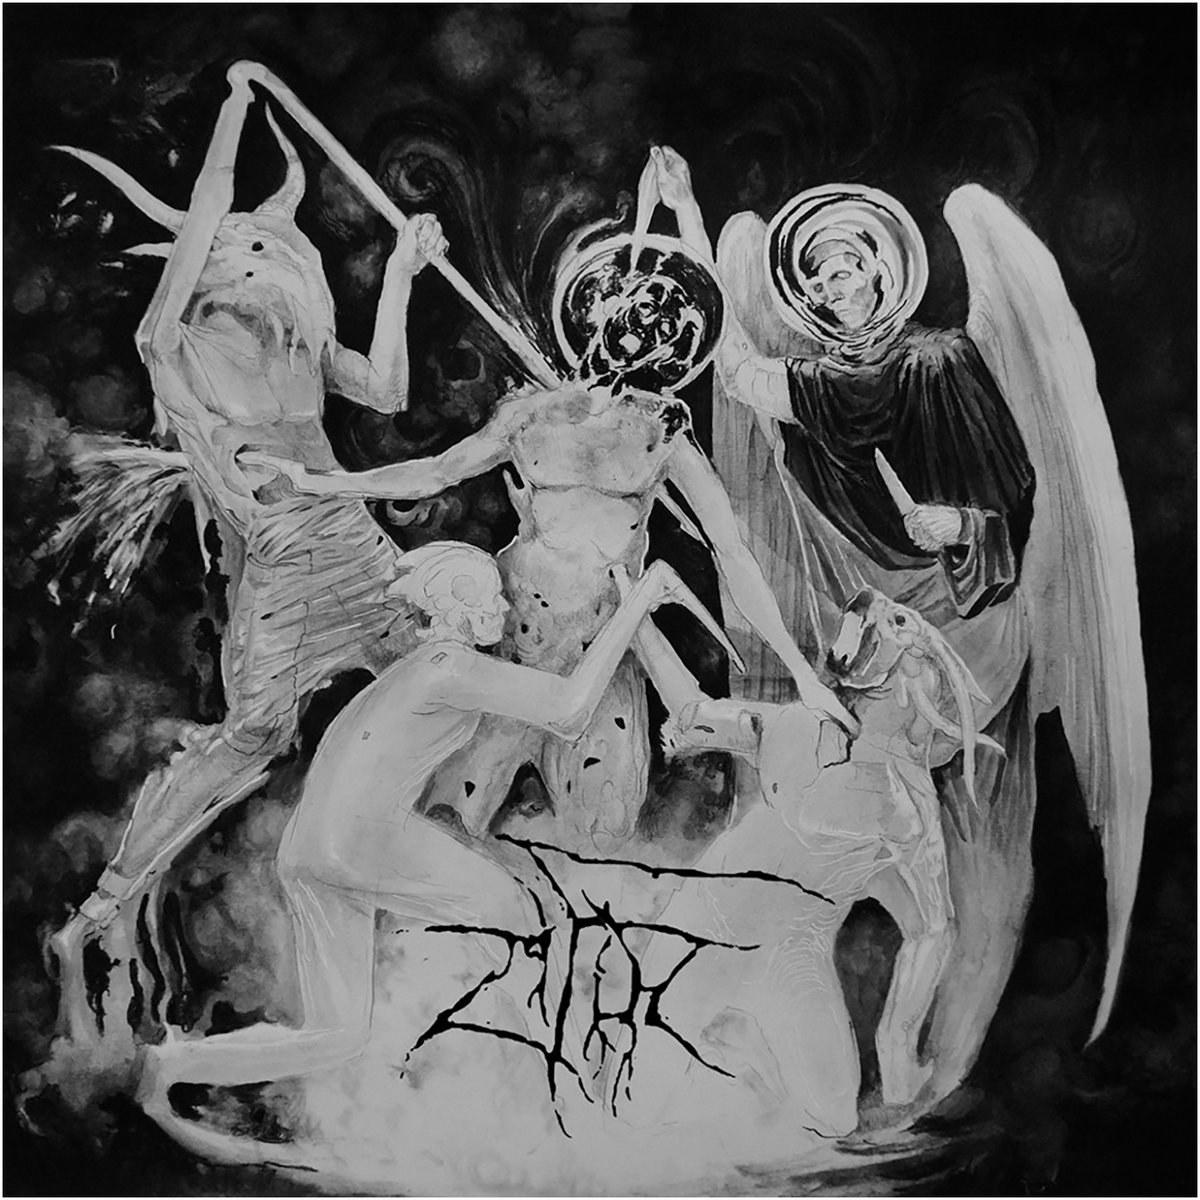 Zifir - Demoniac Ethics